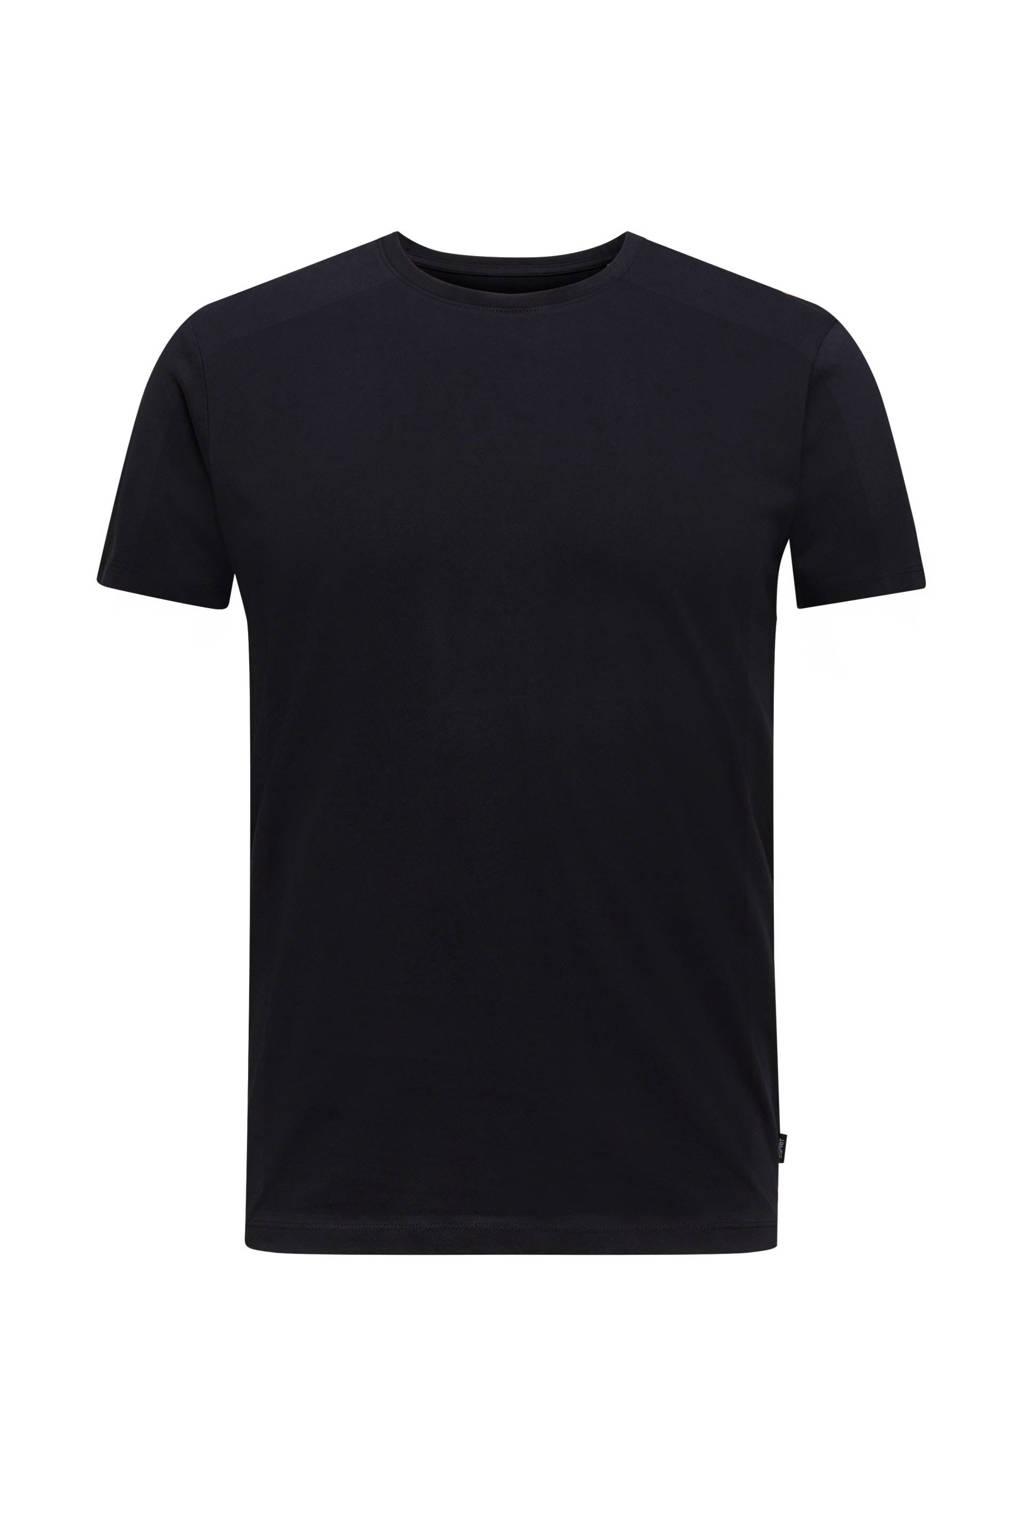 ESPRIT Men Casual T-shirt zwart, Zwart